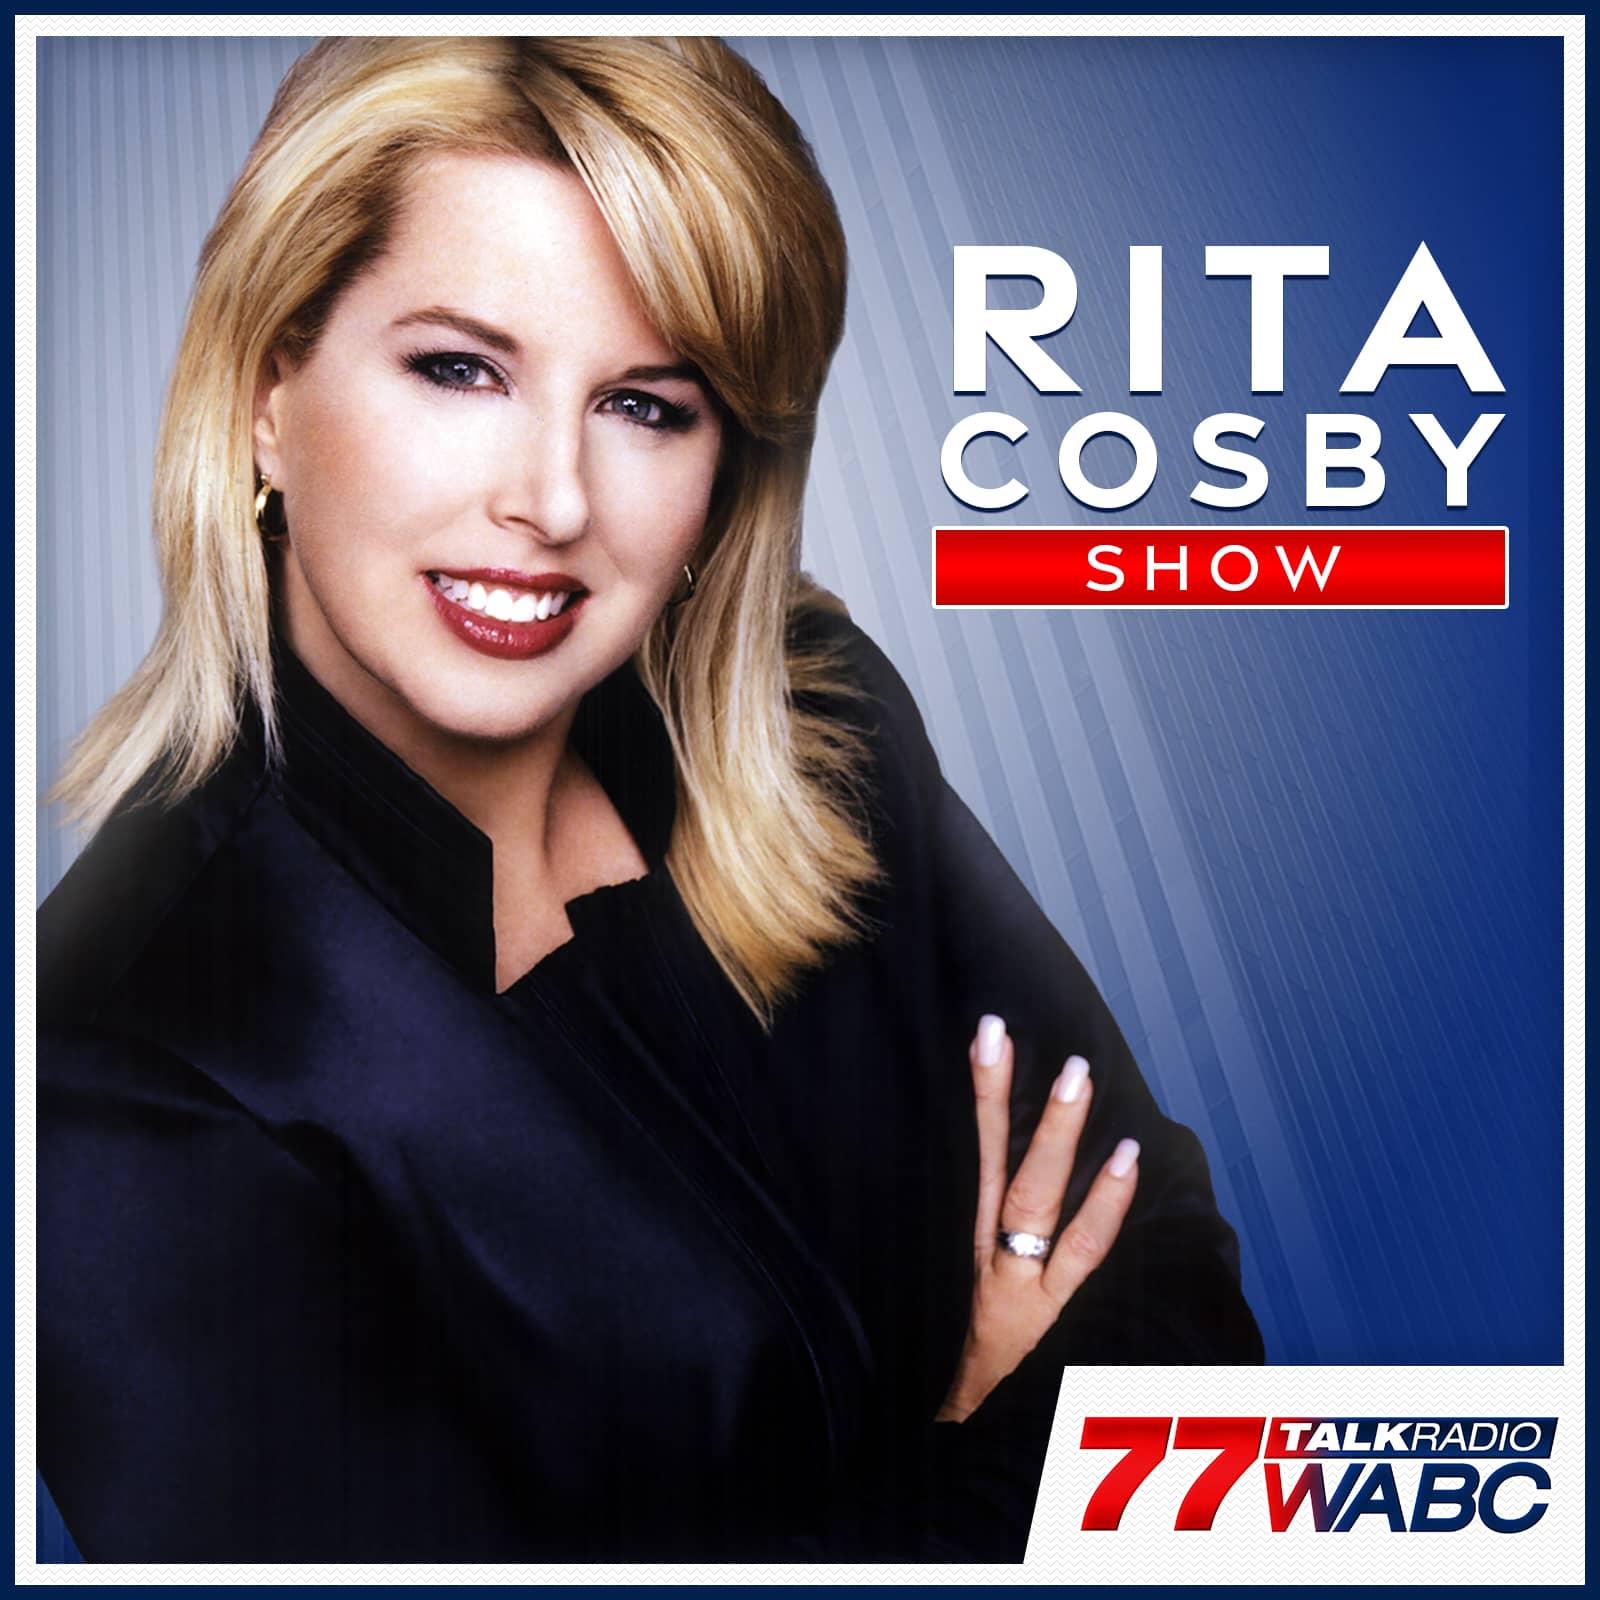 Rita Cosby Show